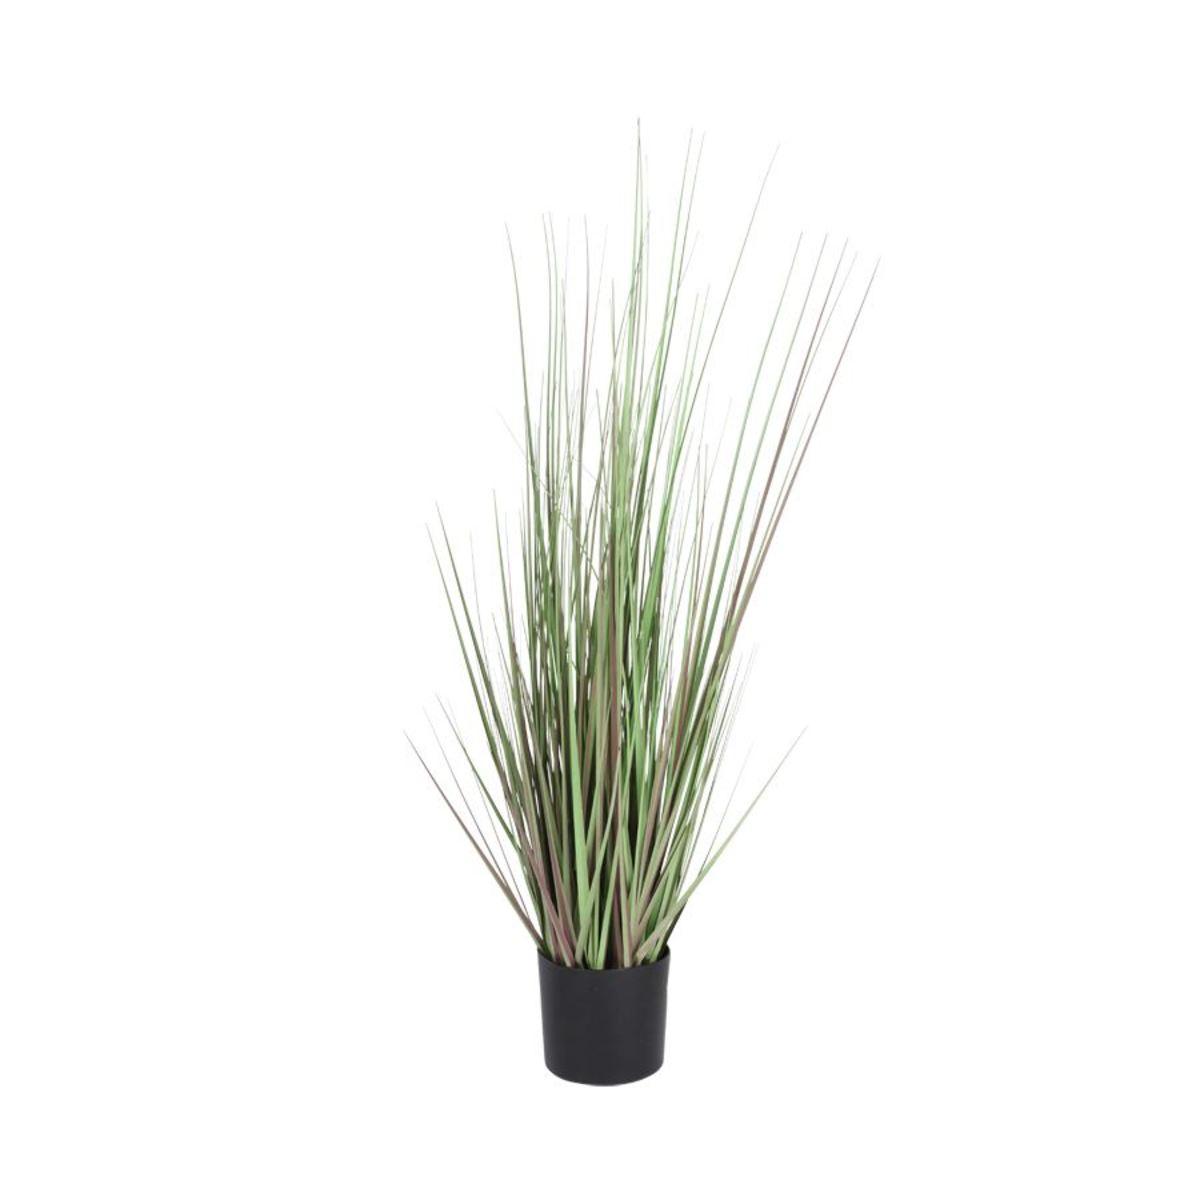 Bild 3 von Künstliches Gras im Topf 90cm